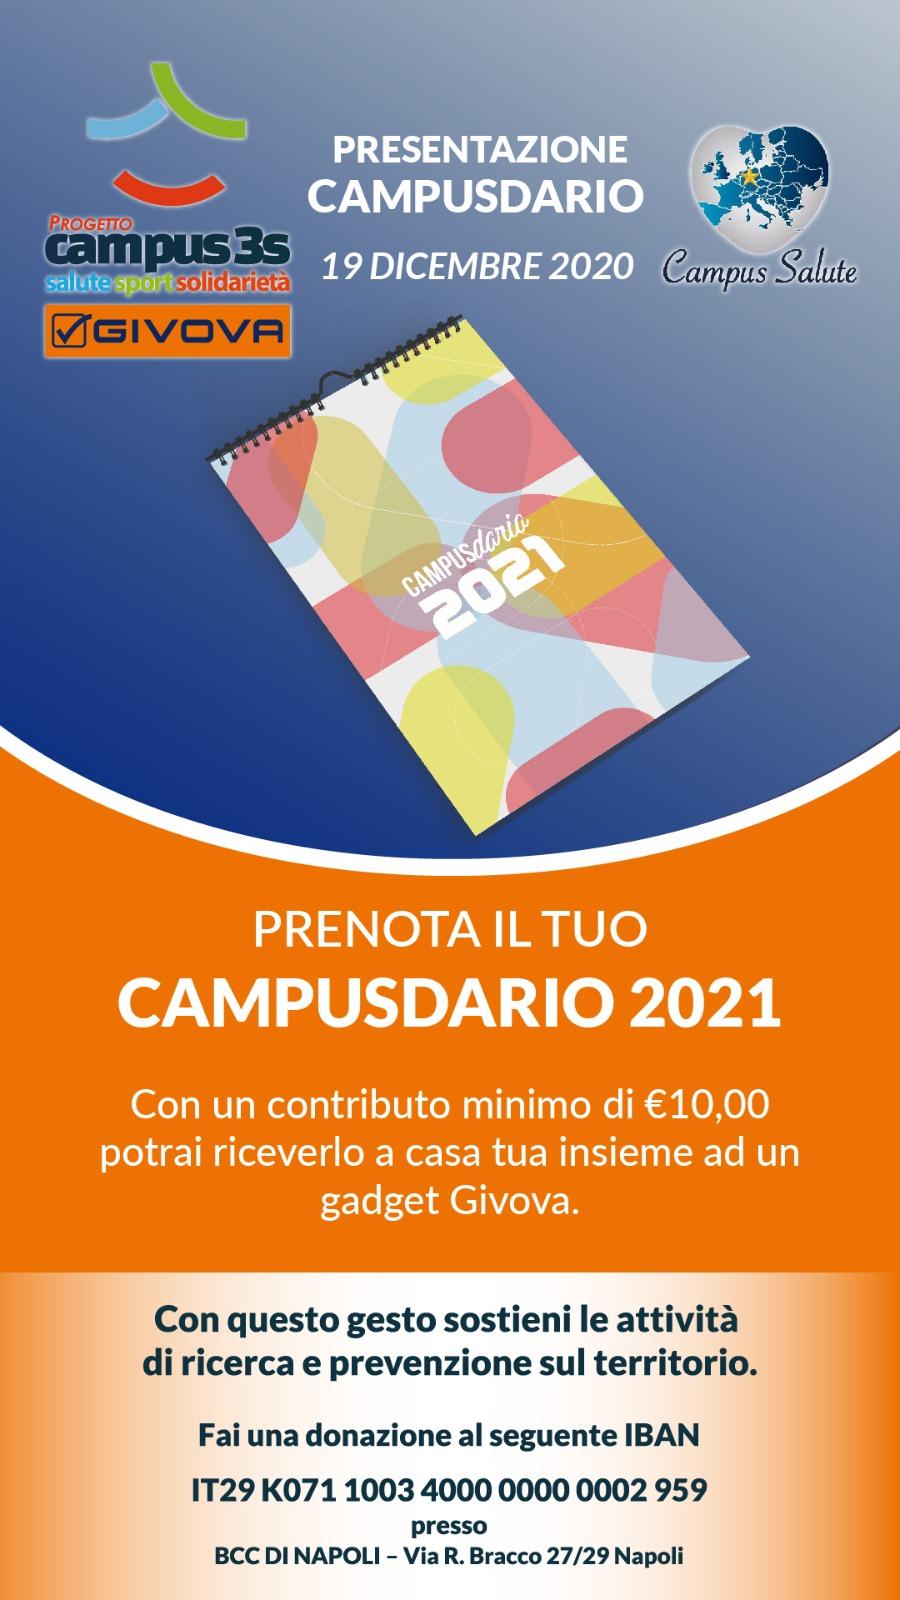 Campusdario 2021